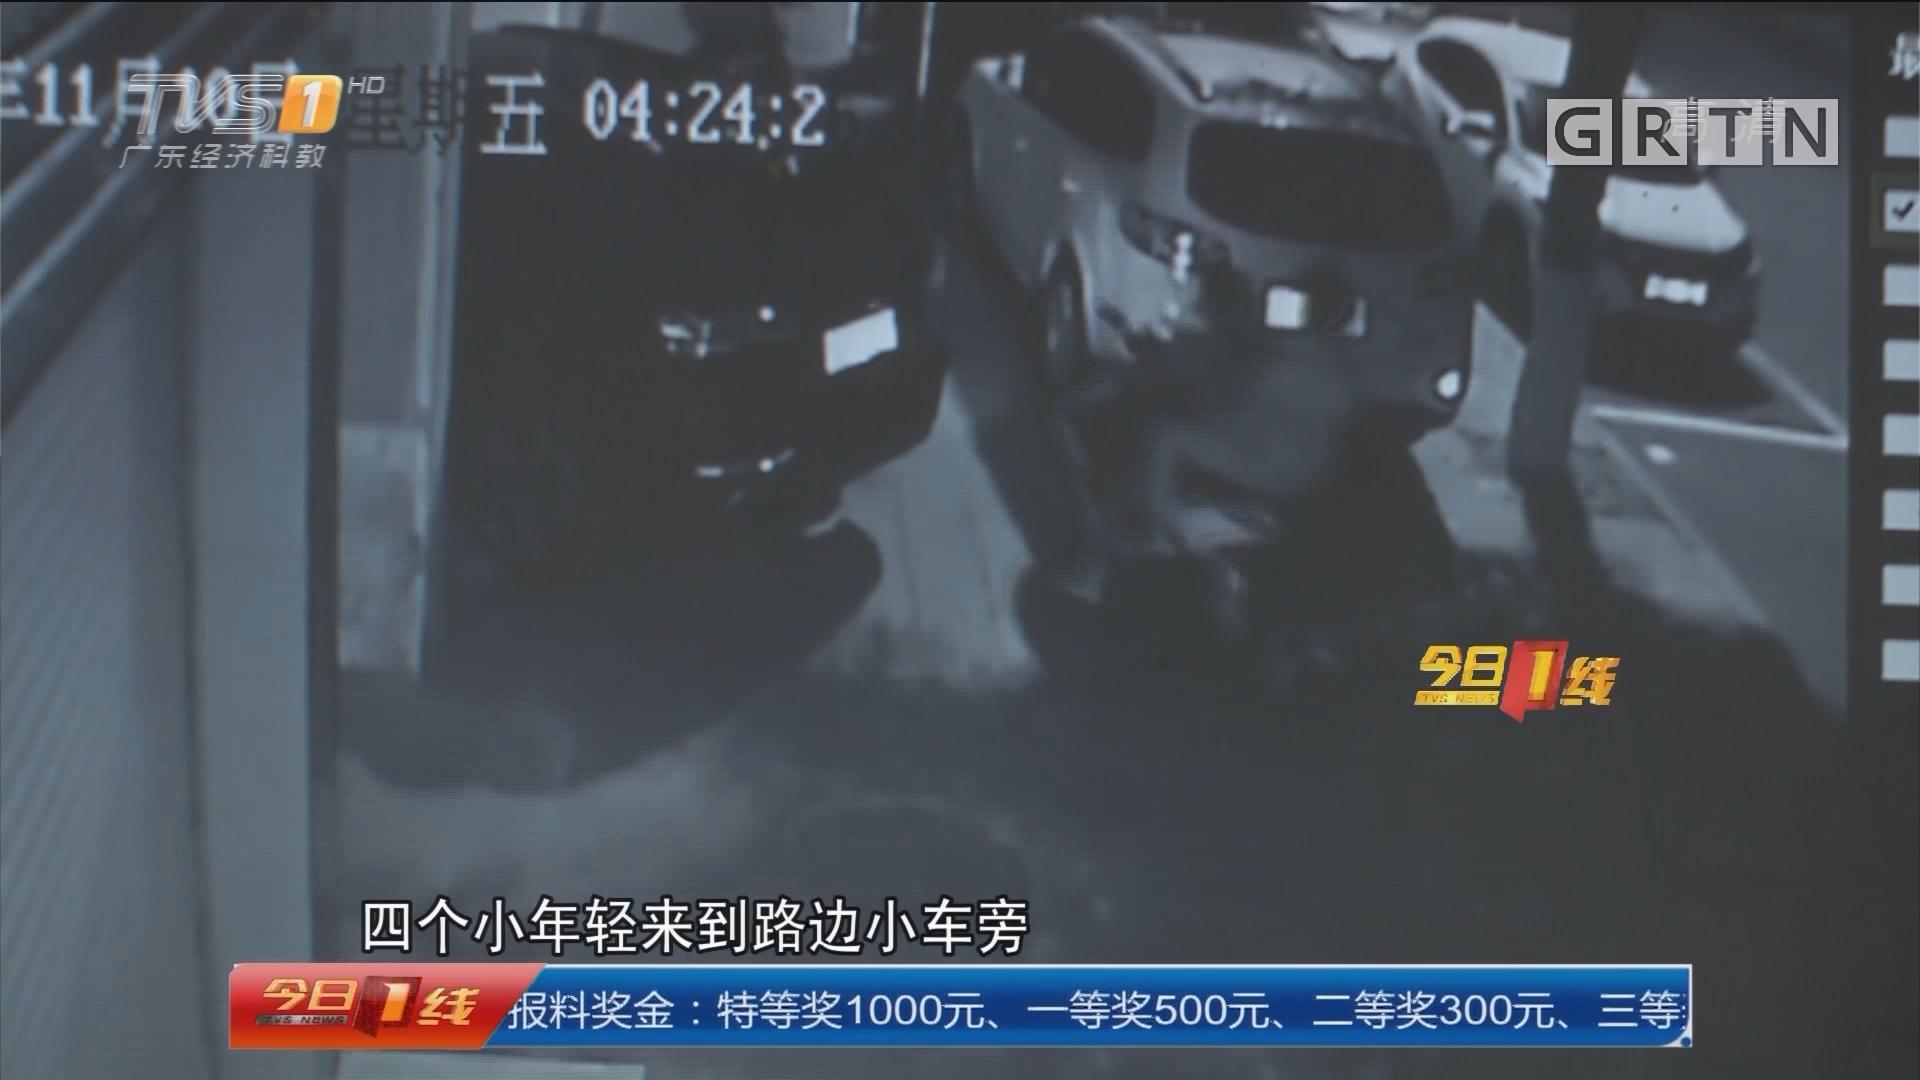 河源源城:九辆车凌晨被砸 警方当天破案